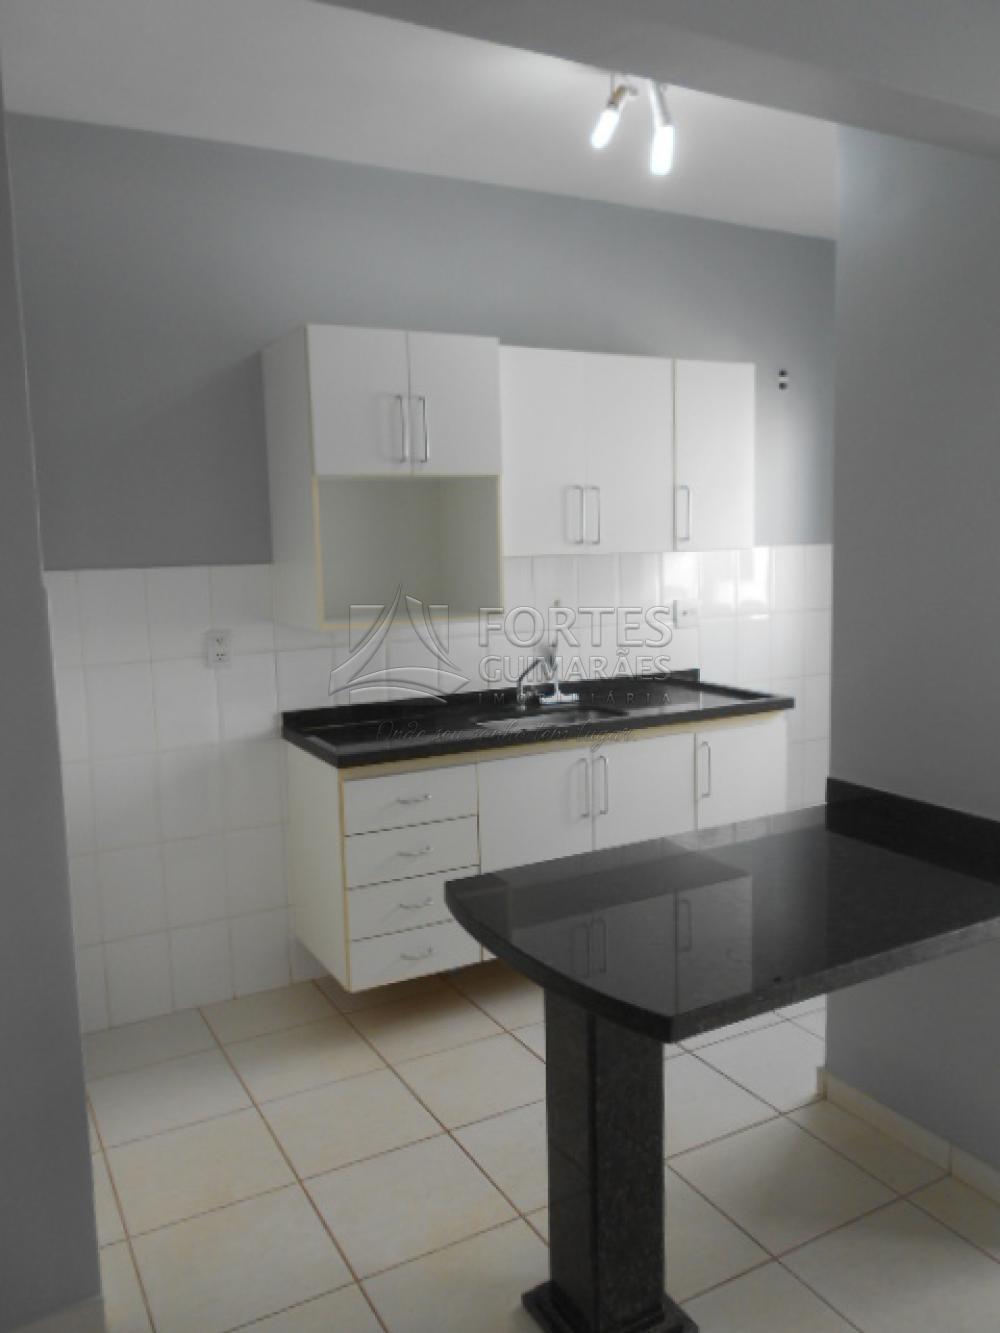 Alugar Apartamentos / Padrão em Ribeirão Preto apenas R$ 900,00 - Foto 17